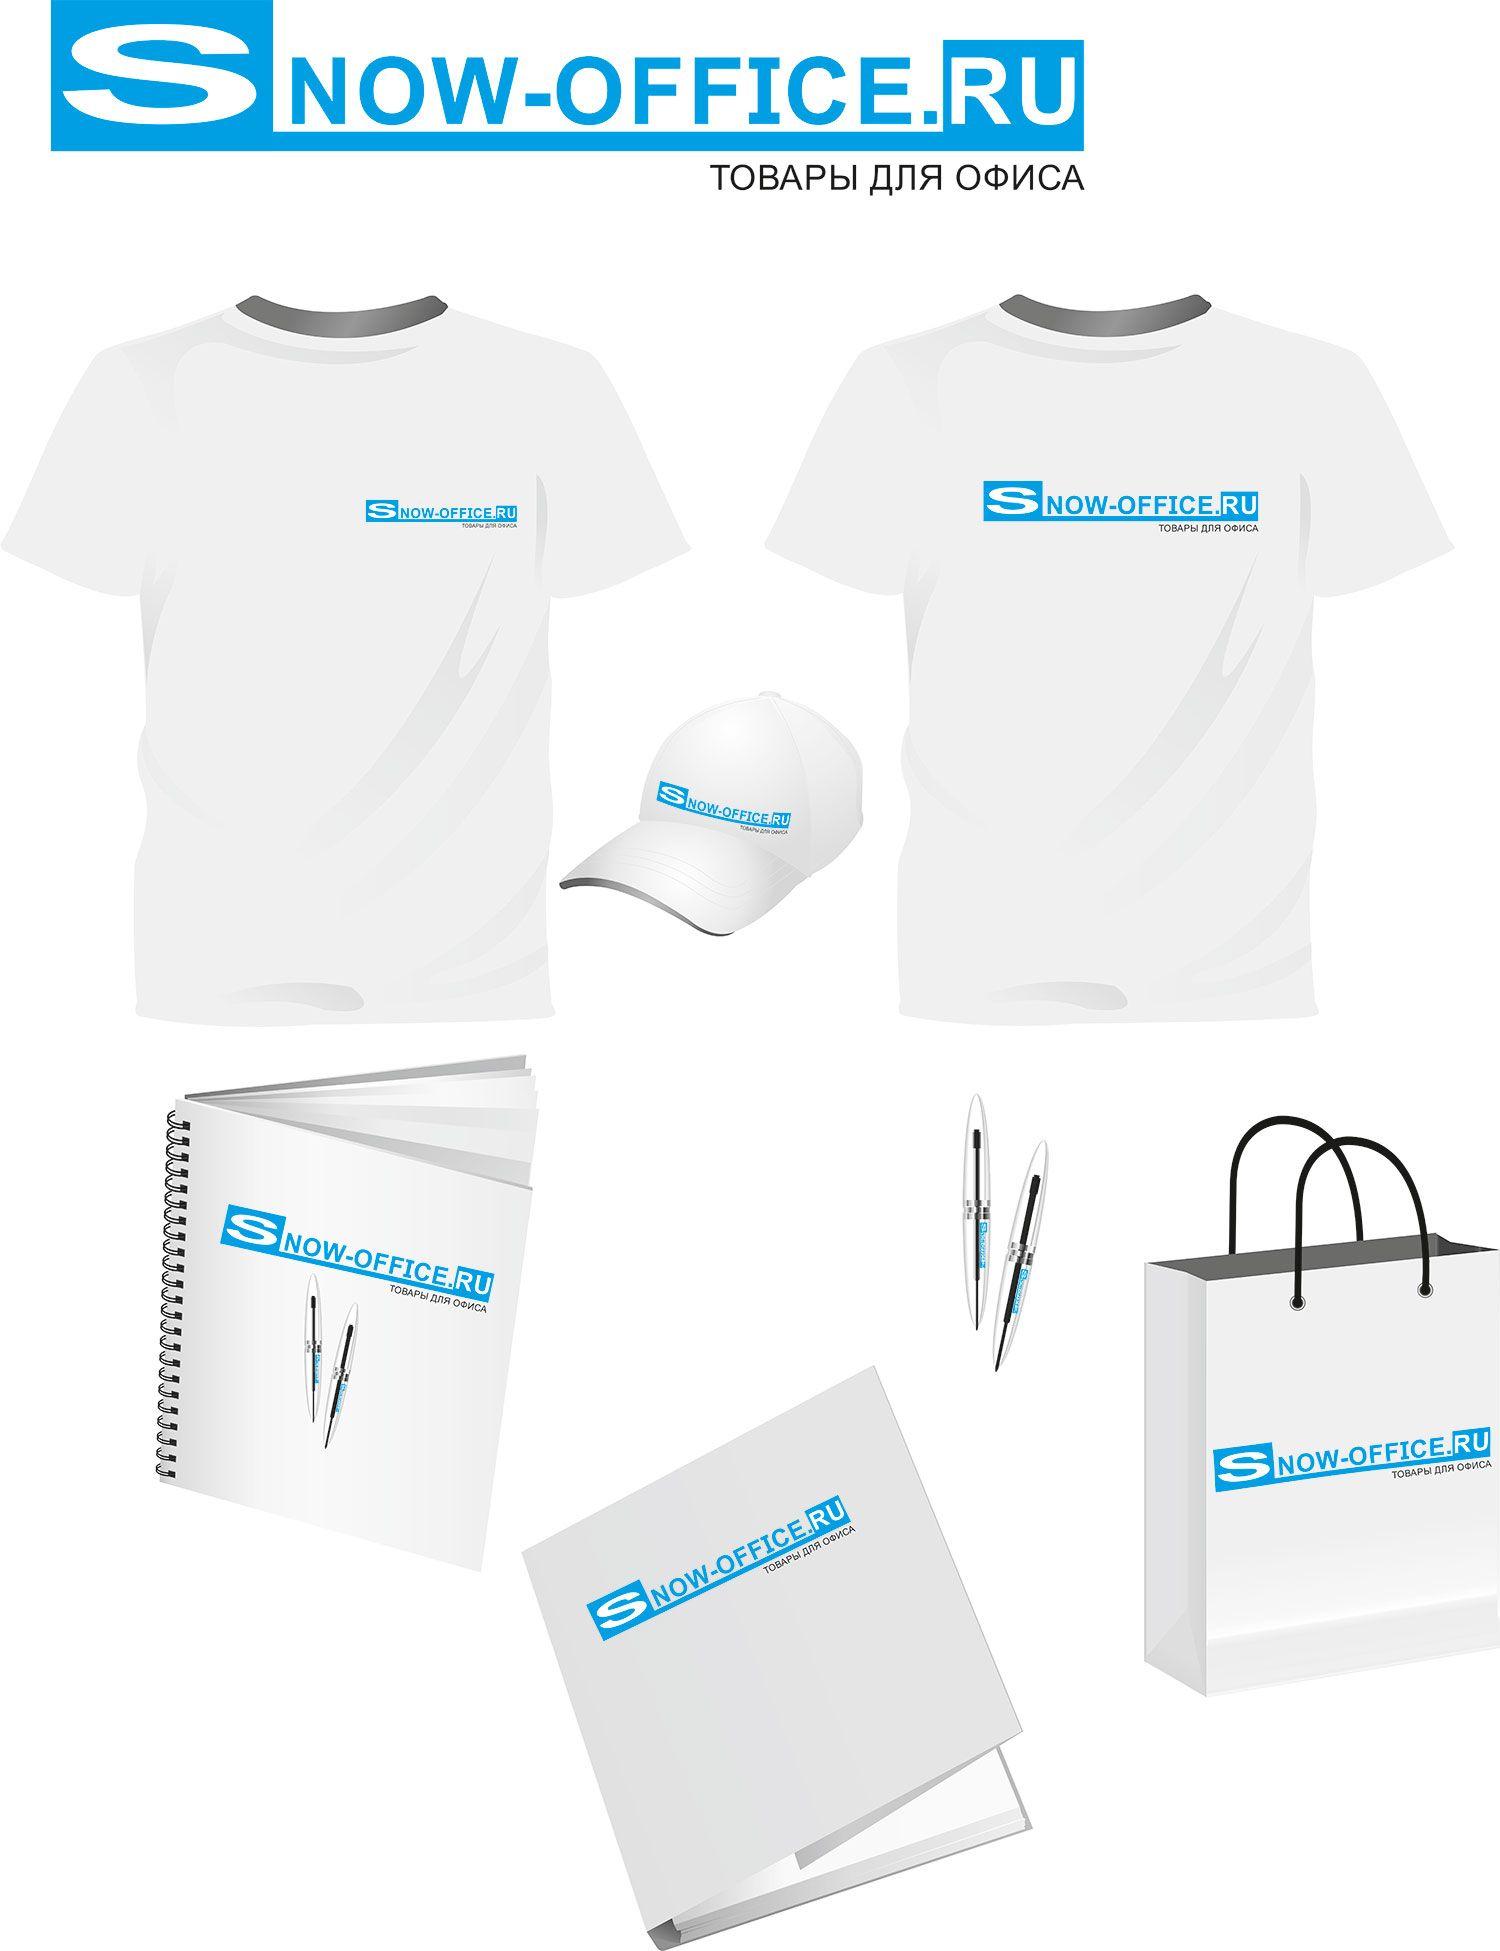 Лого и фирменный стиль для интернет-магазина - дизайнер Yura